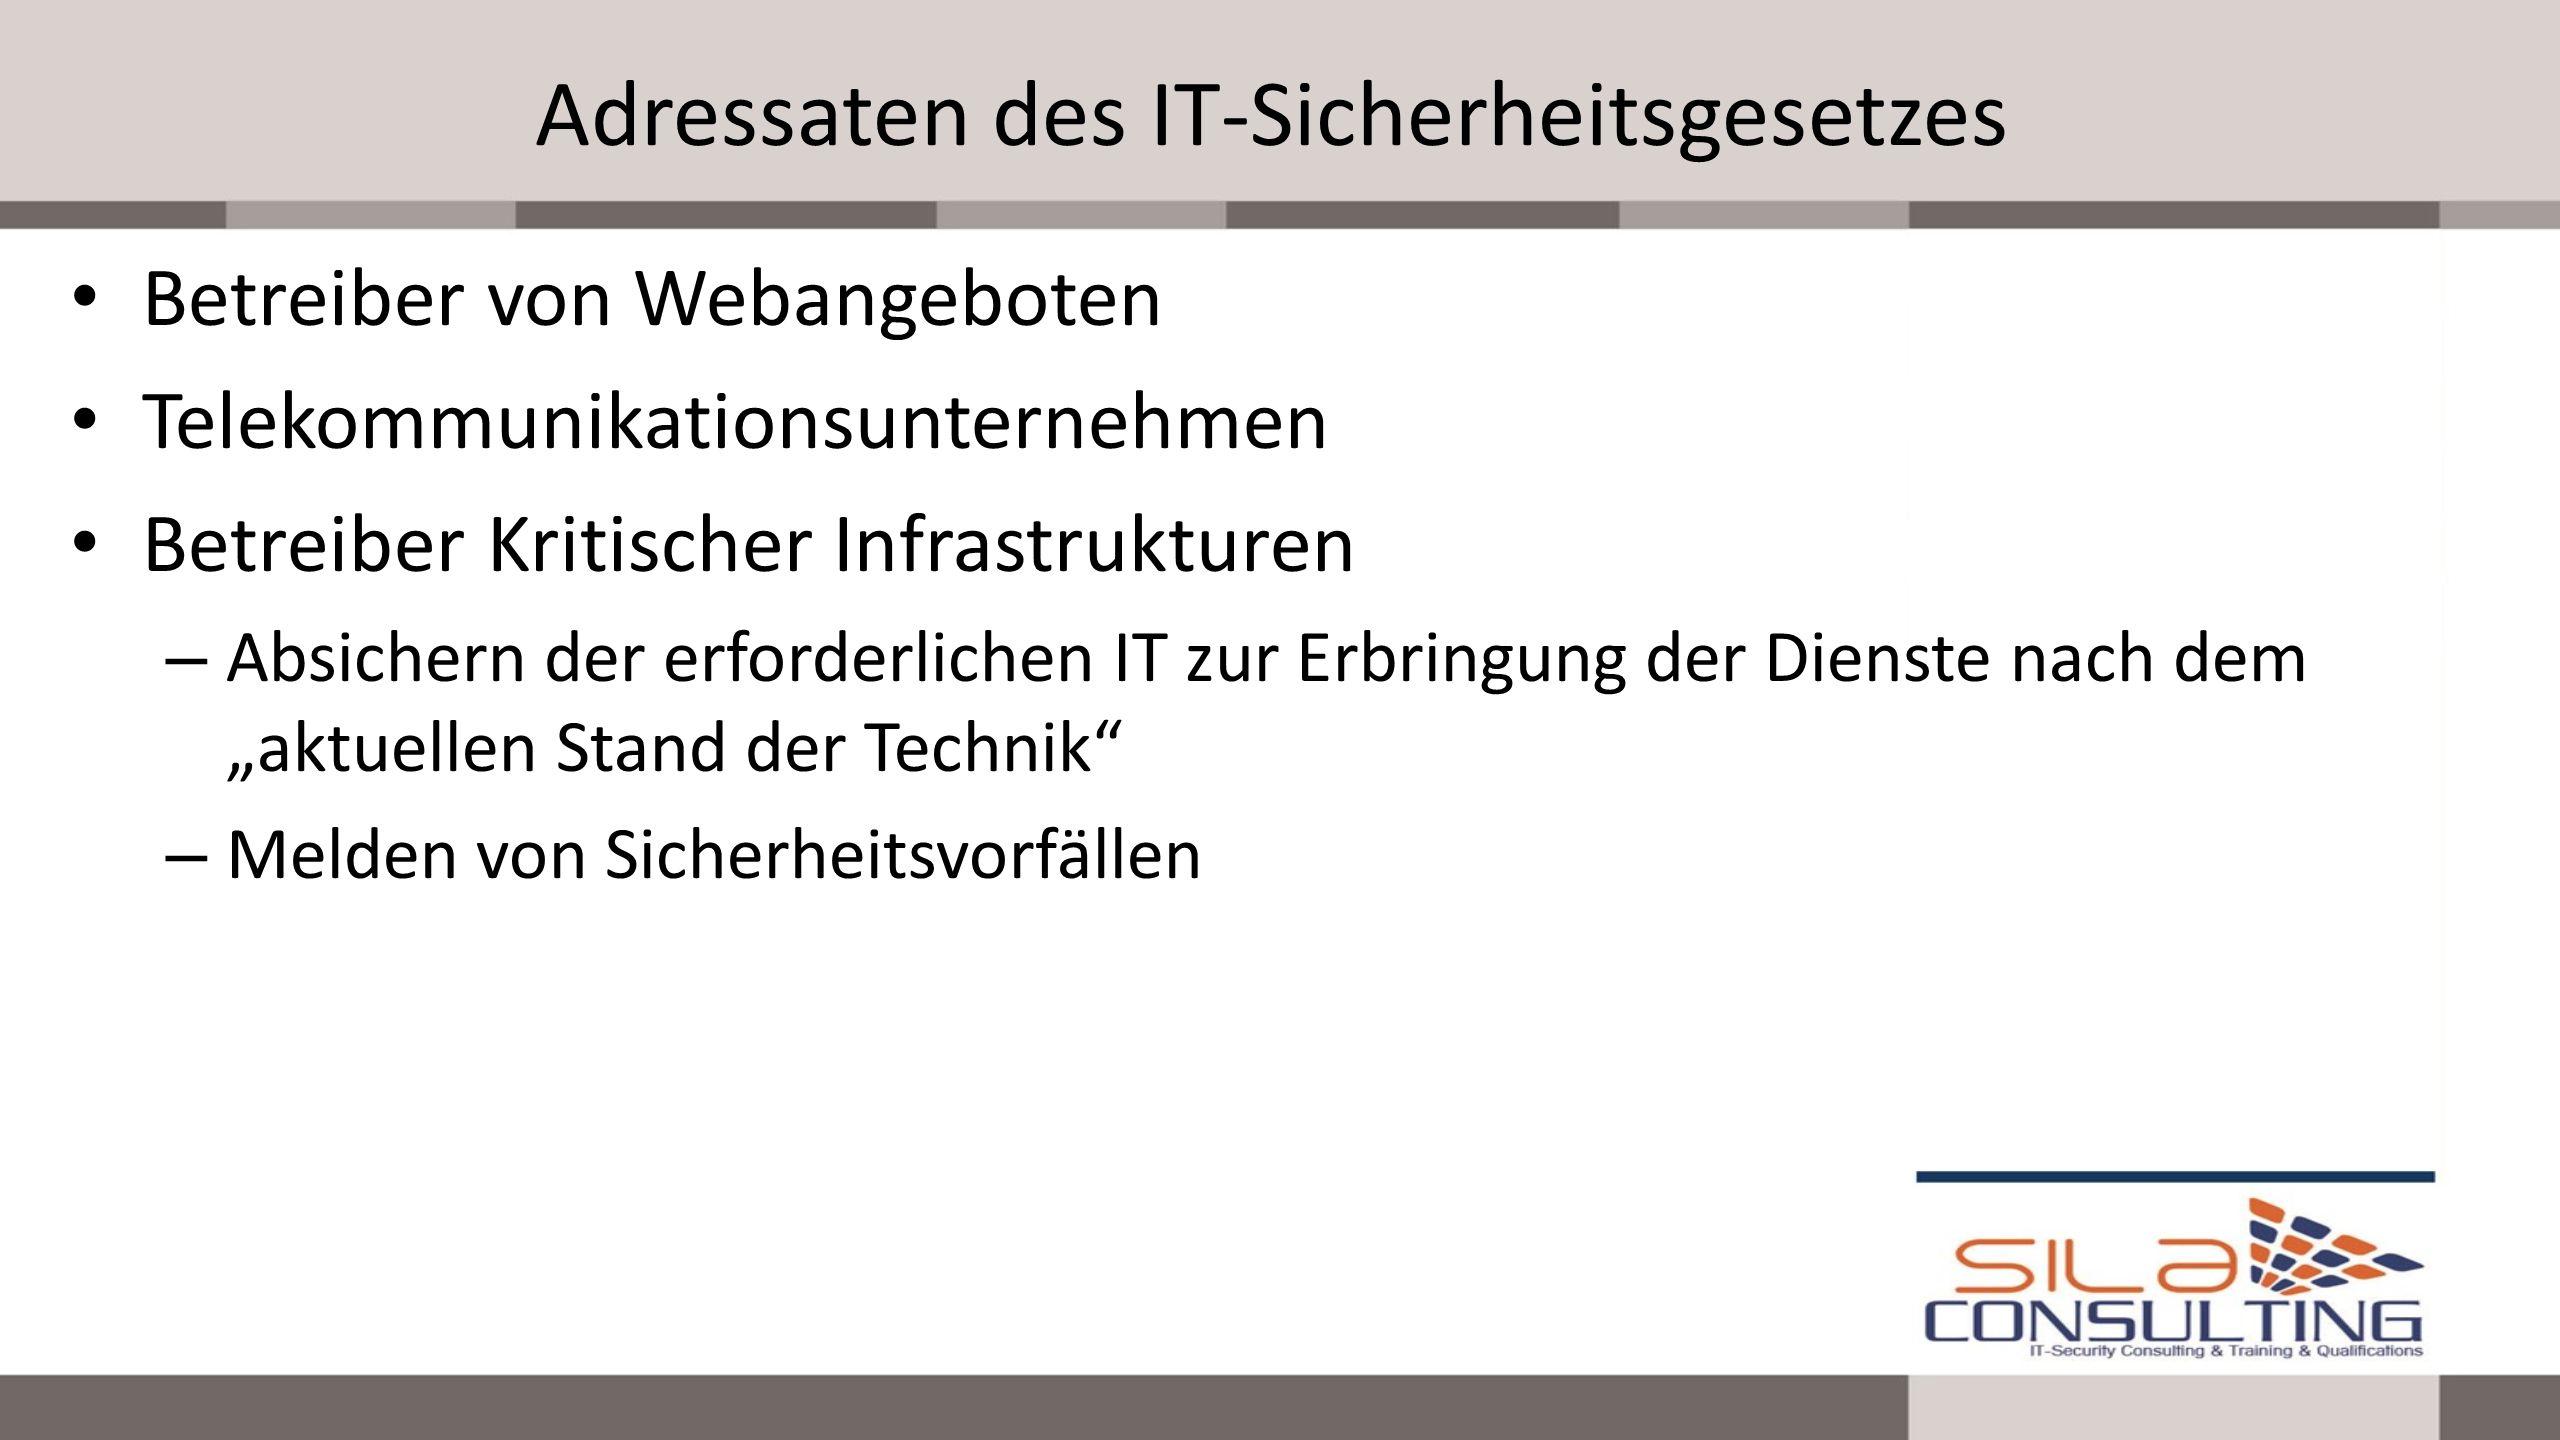 Adressaten des IT-Sicherheitsgesetzes